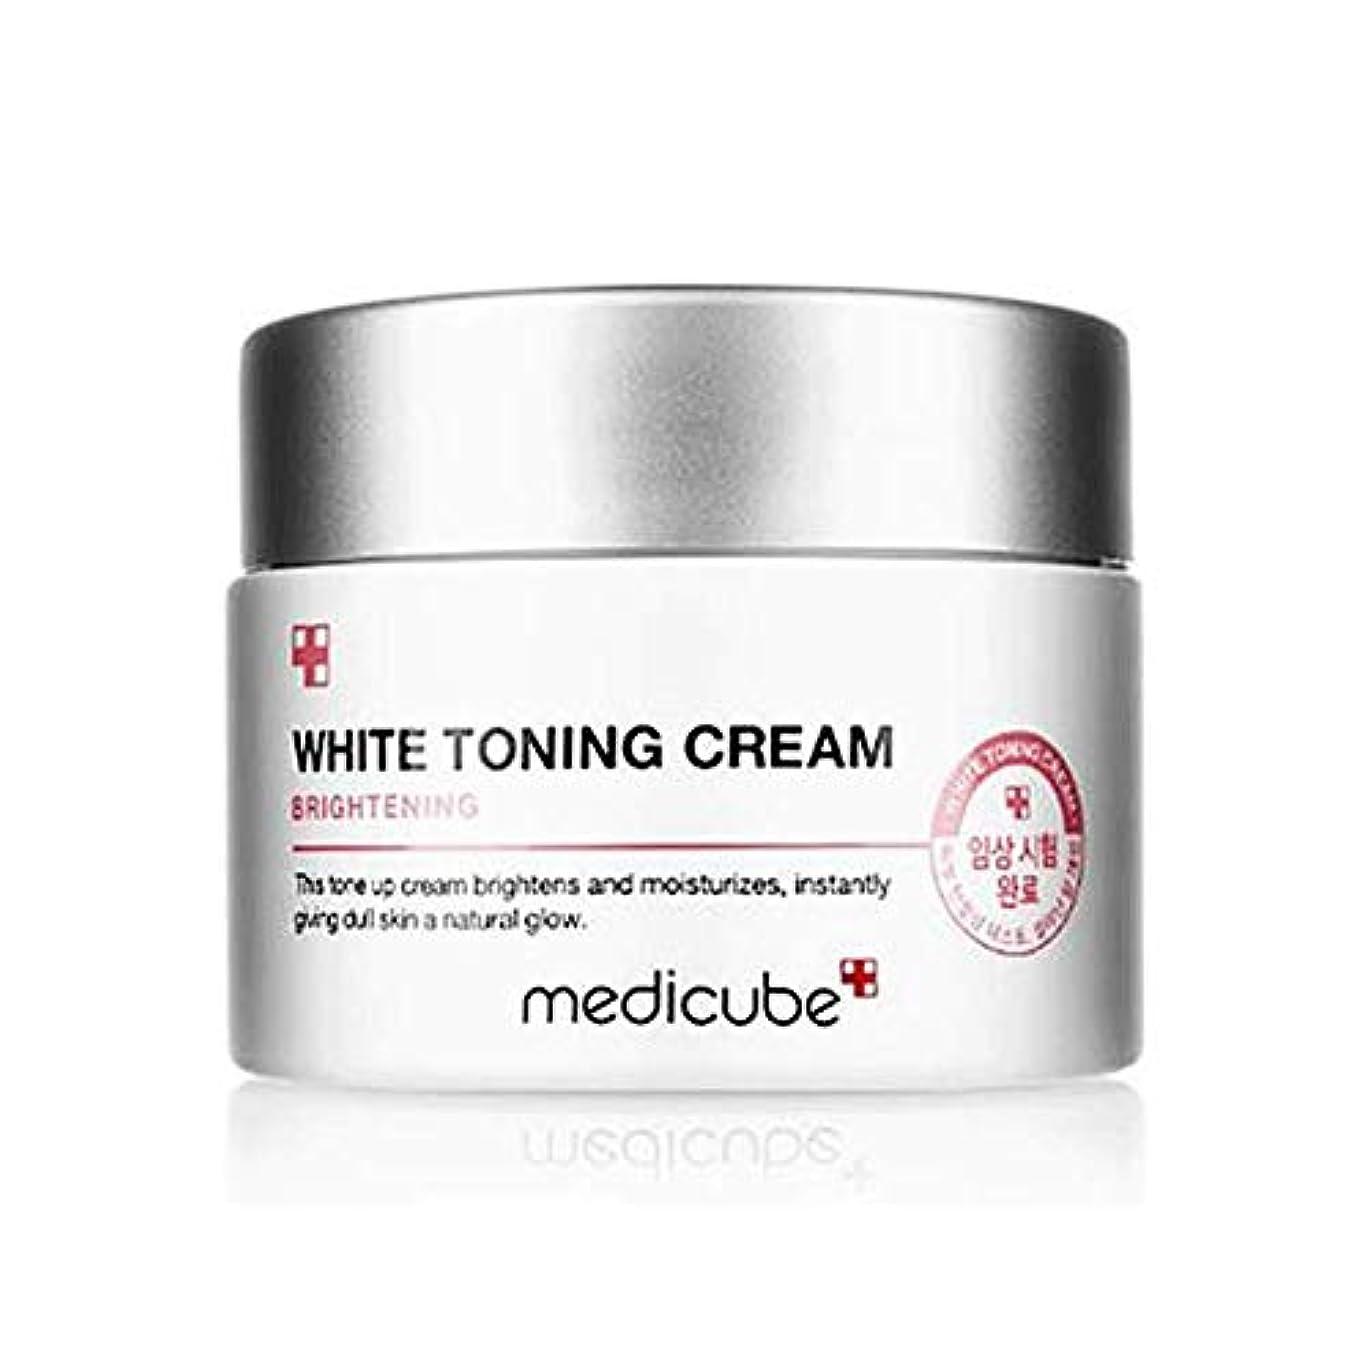 成熟意気消沈した準備Medicube WHITE TONING CREAM メディキューブ ホワイトトーニングクリーム 55ml [並行輸入品]